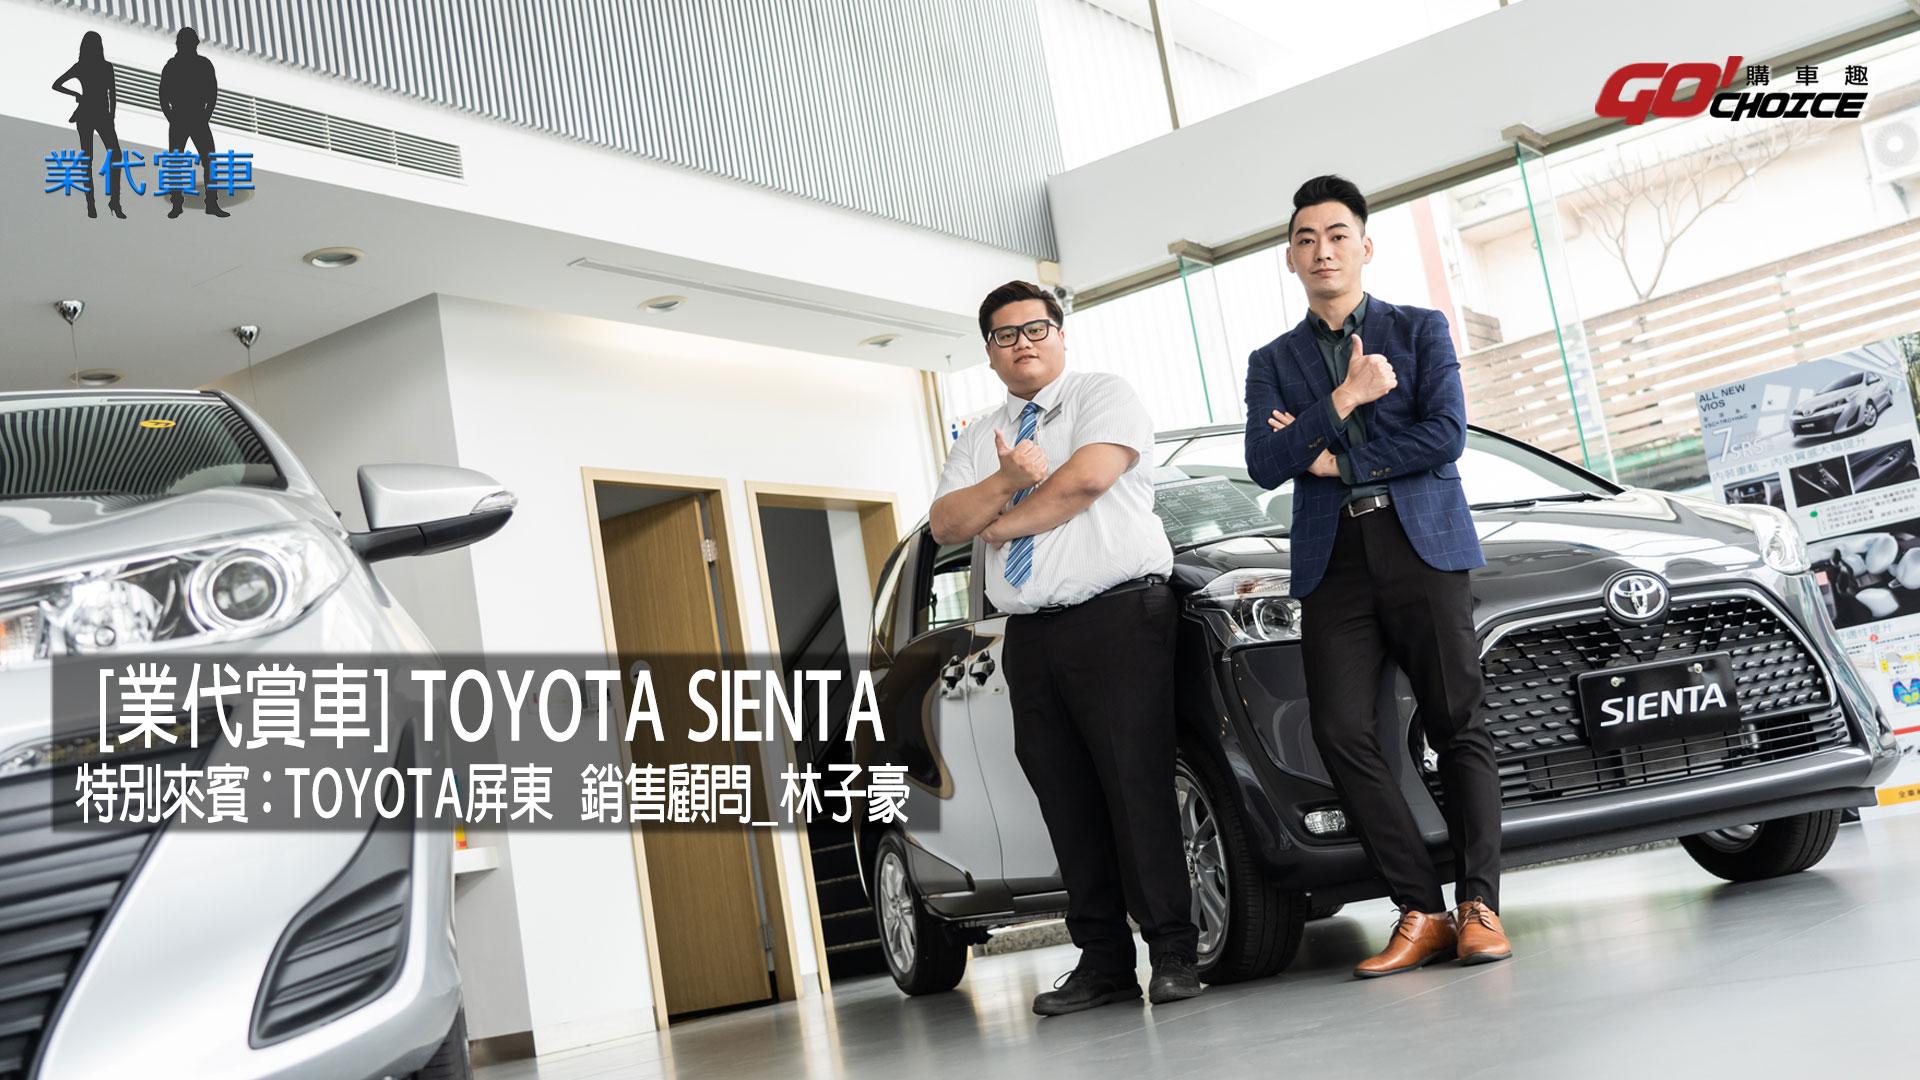 業代賞車-TOYOTA SIENTA超人氣小型MPV-Toyota屏東 銷售顧問-林子豪